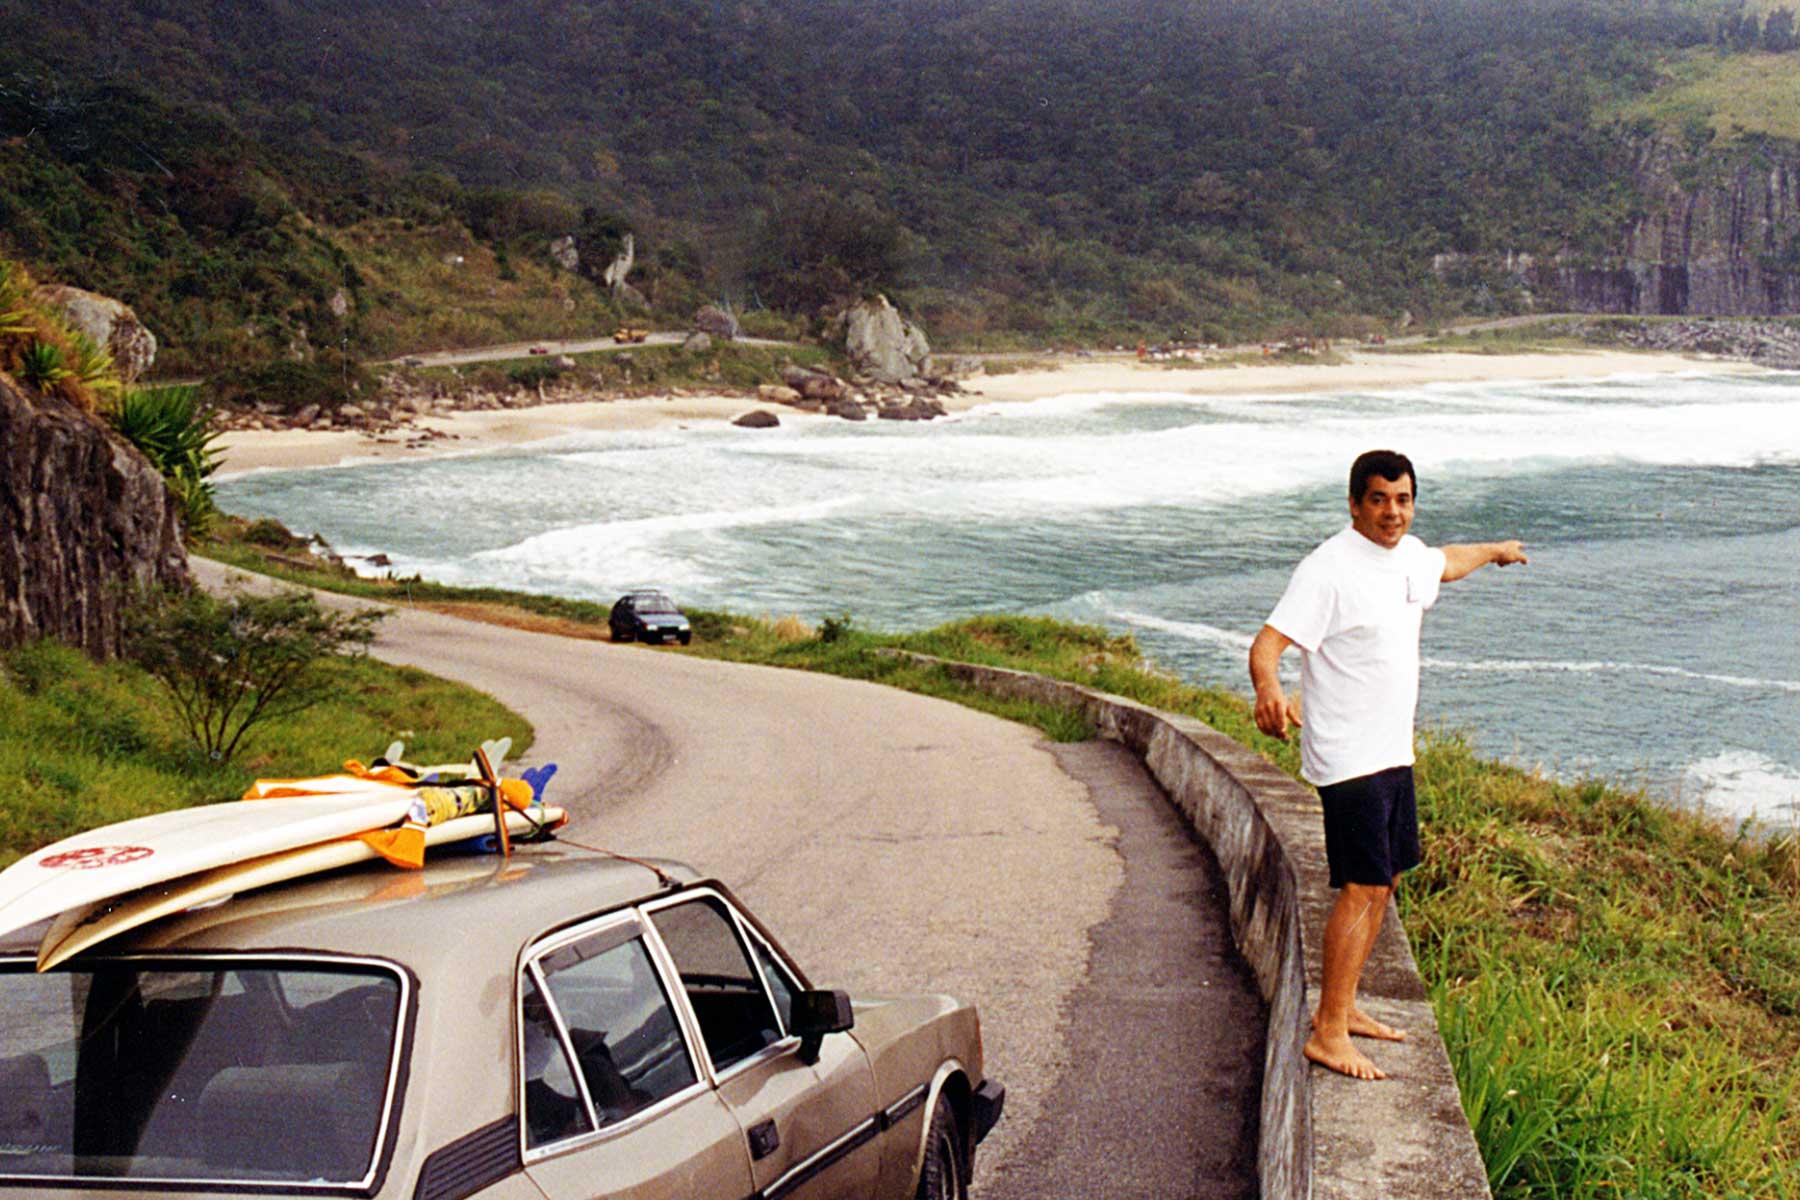 Brazil | Rio | Surfing | Steven Andrew Martin | South America | Travel Journal | Dr Steven Martin